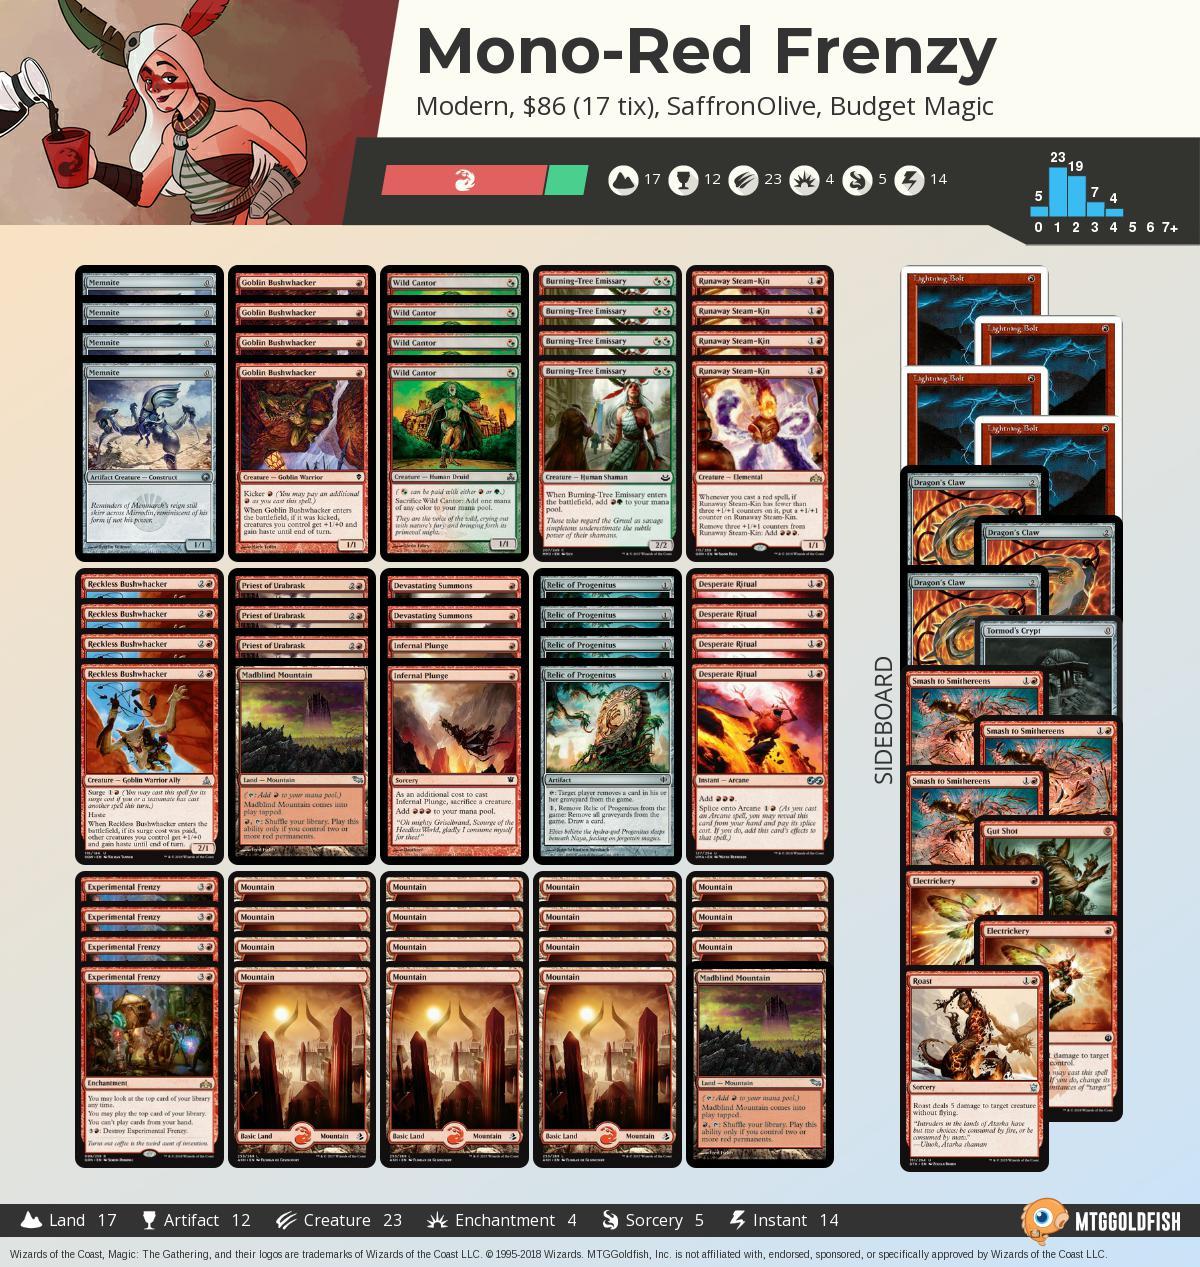 Mono red%2bfrenzy 390e2c18 8b94 4895 af27 9c7a84a0dddc%2ejpg